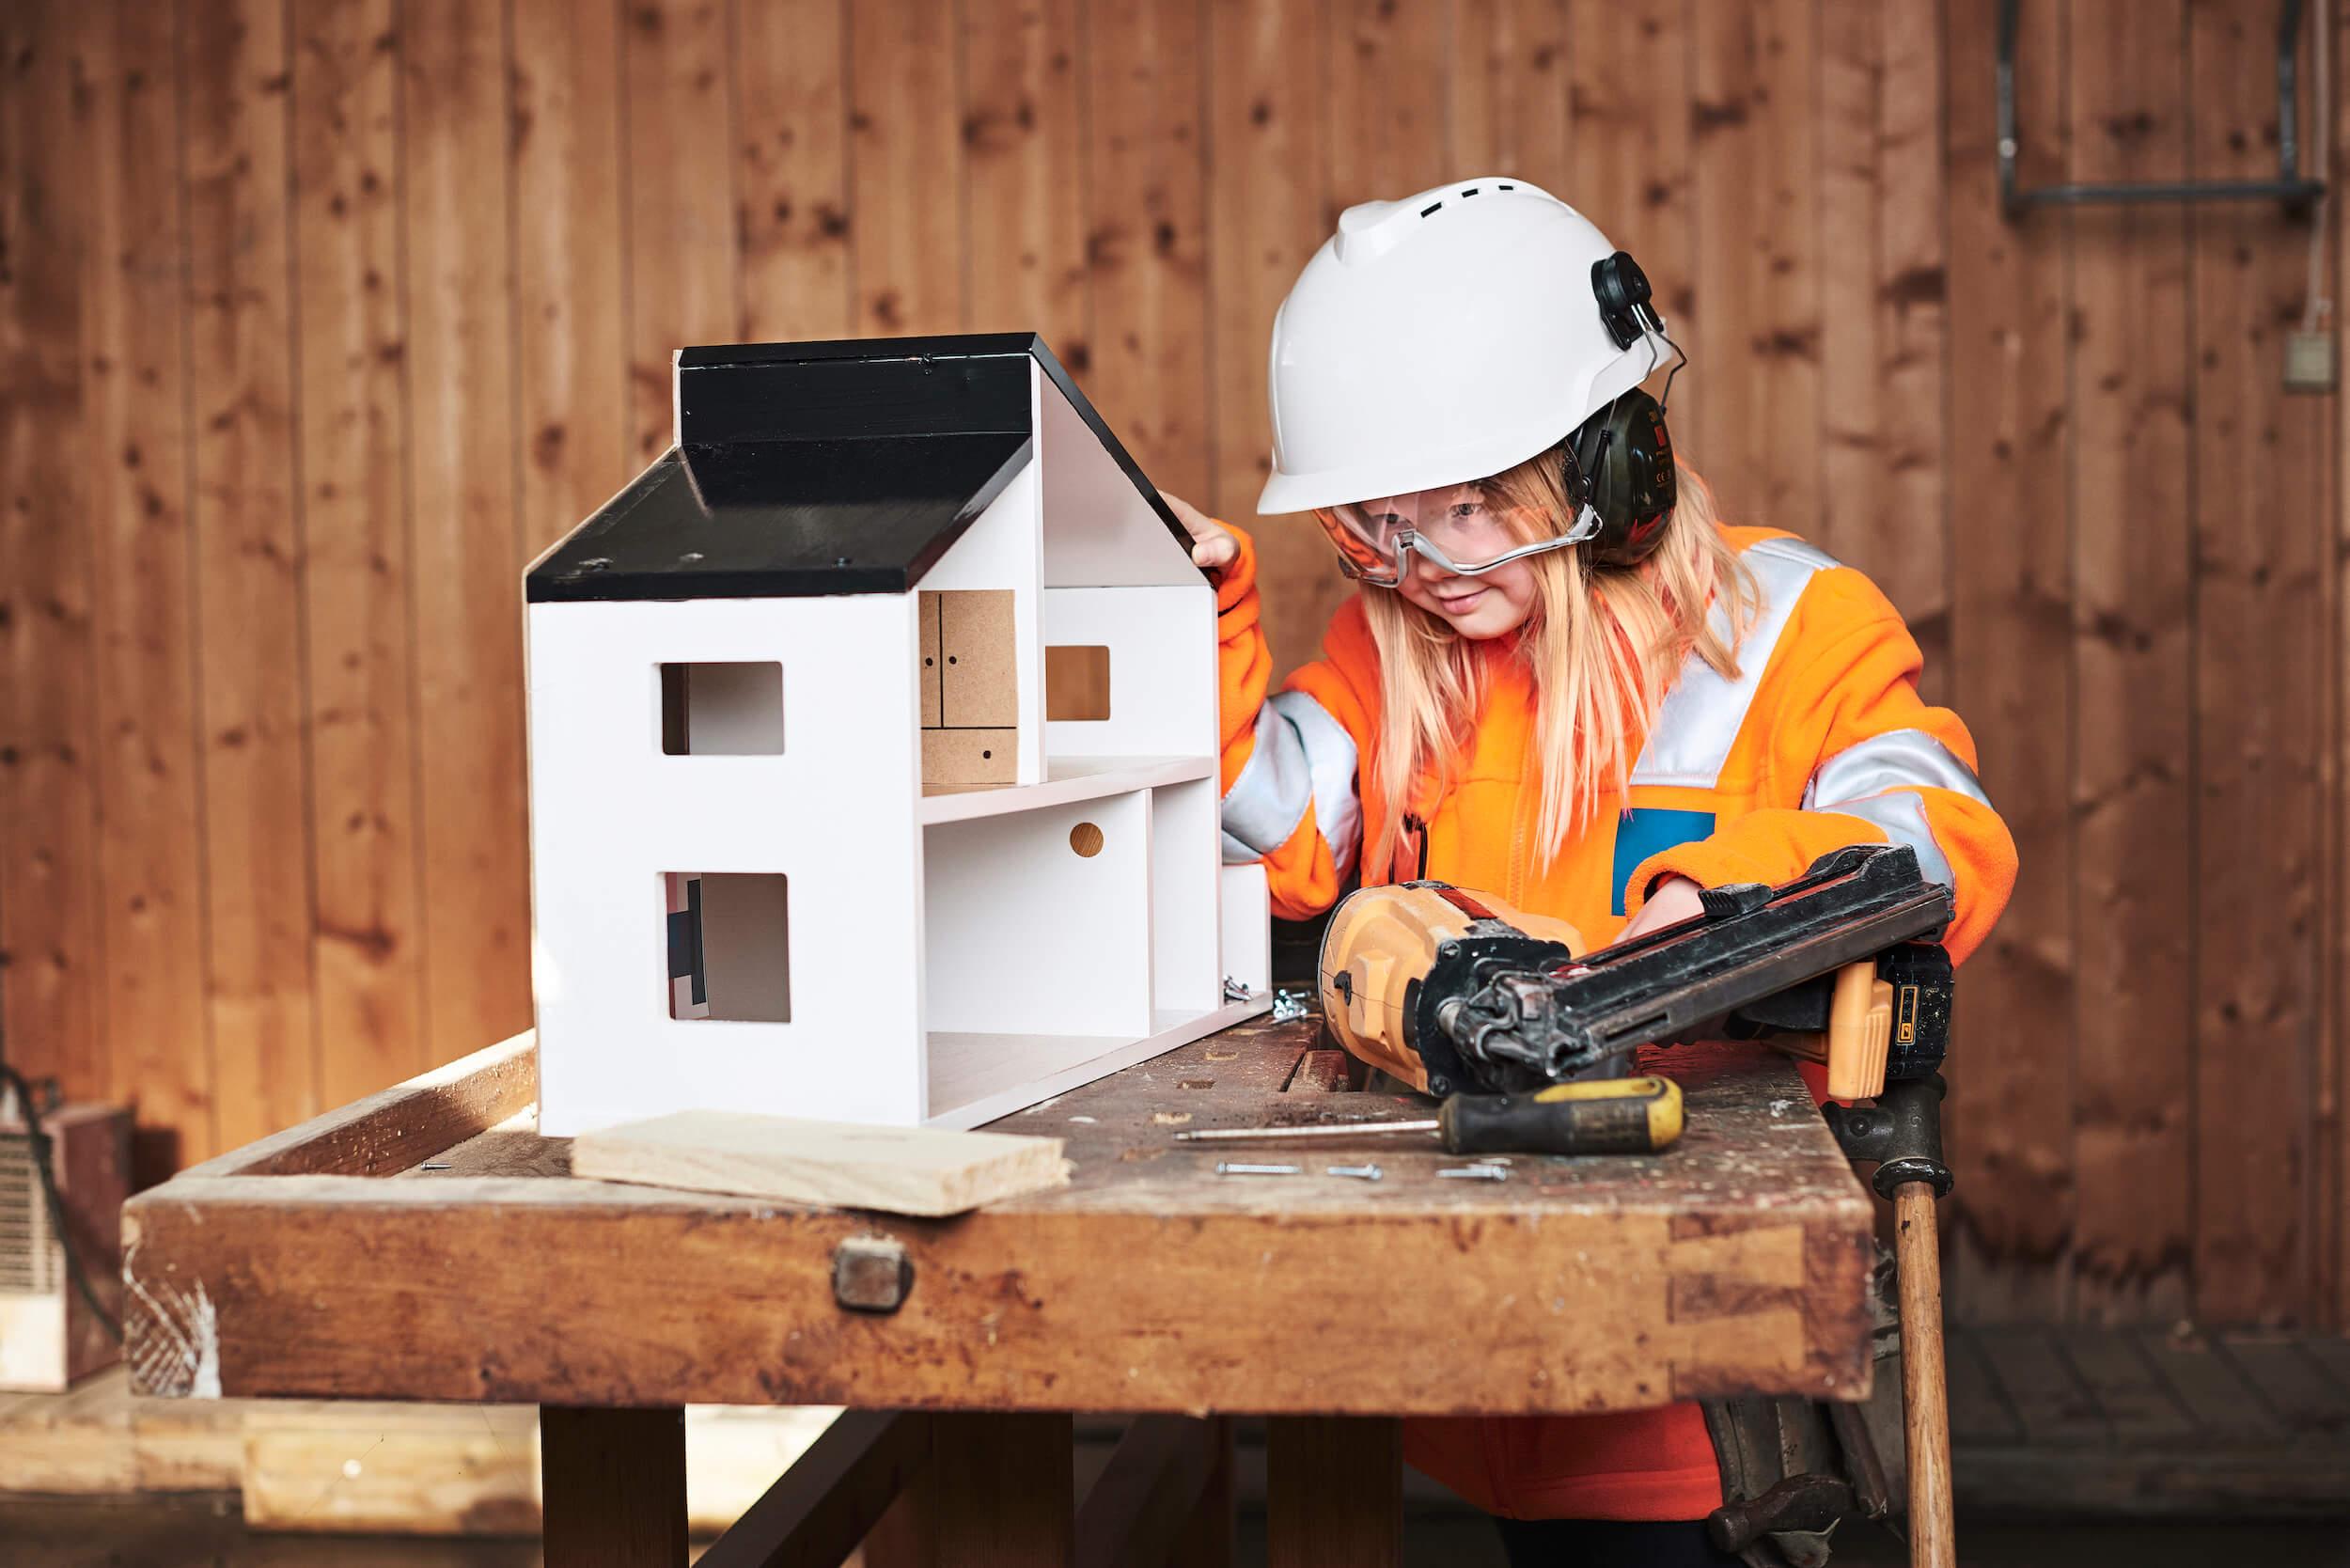 Jente med arbeidsklær leker med å bygge et lite trehus